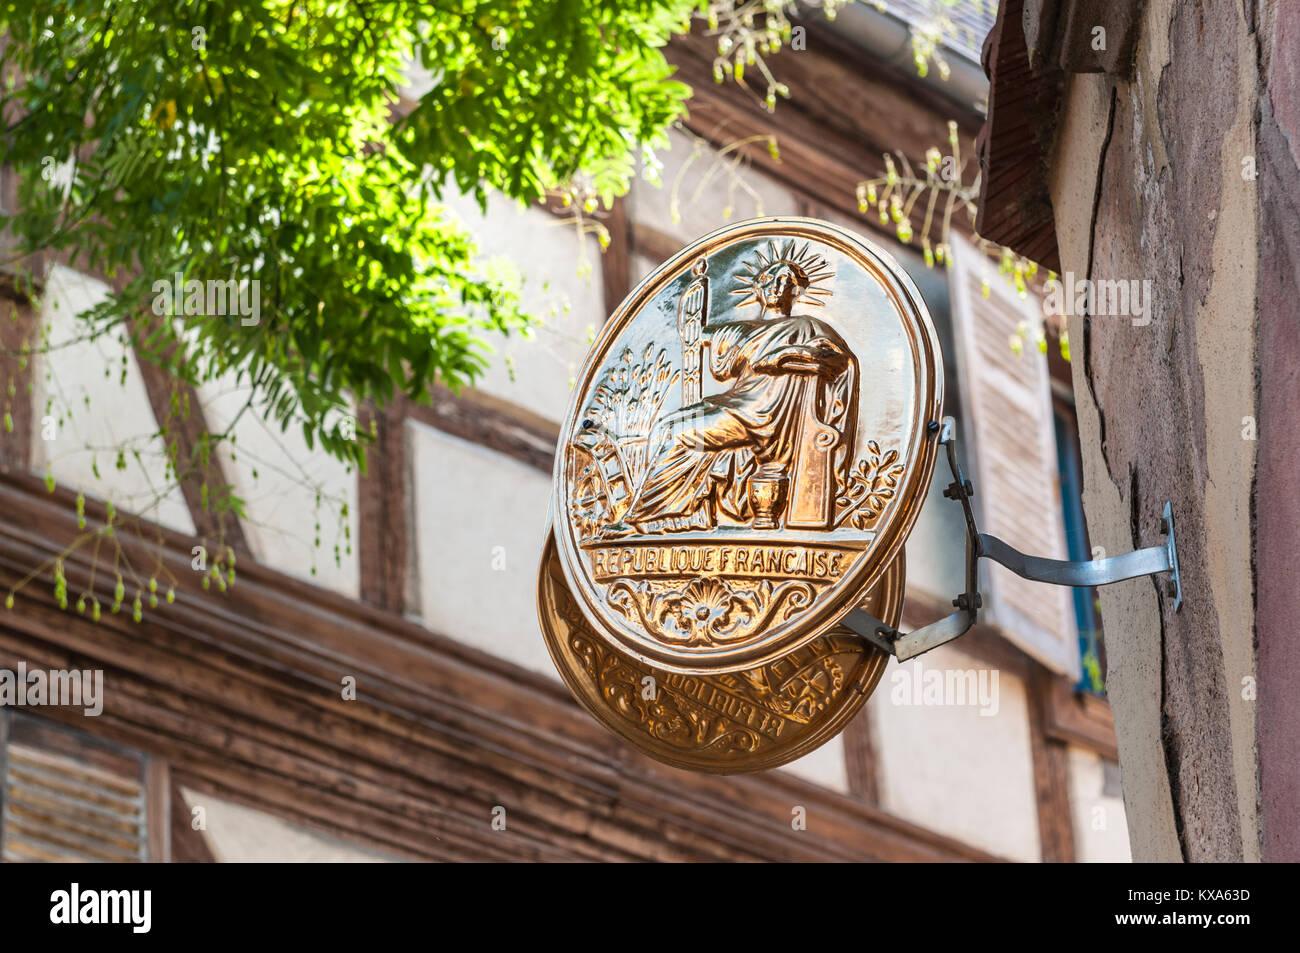 Plaque en laiton indiquant 'bureaux officiel Republique Francais' à l'extérieur du Bureau Photo Stock